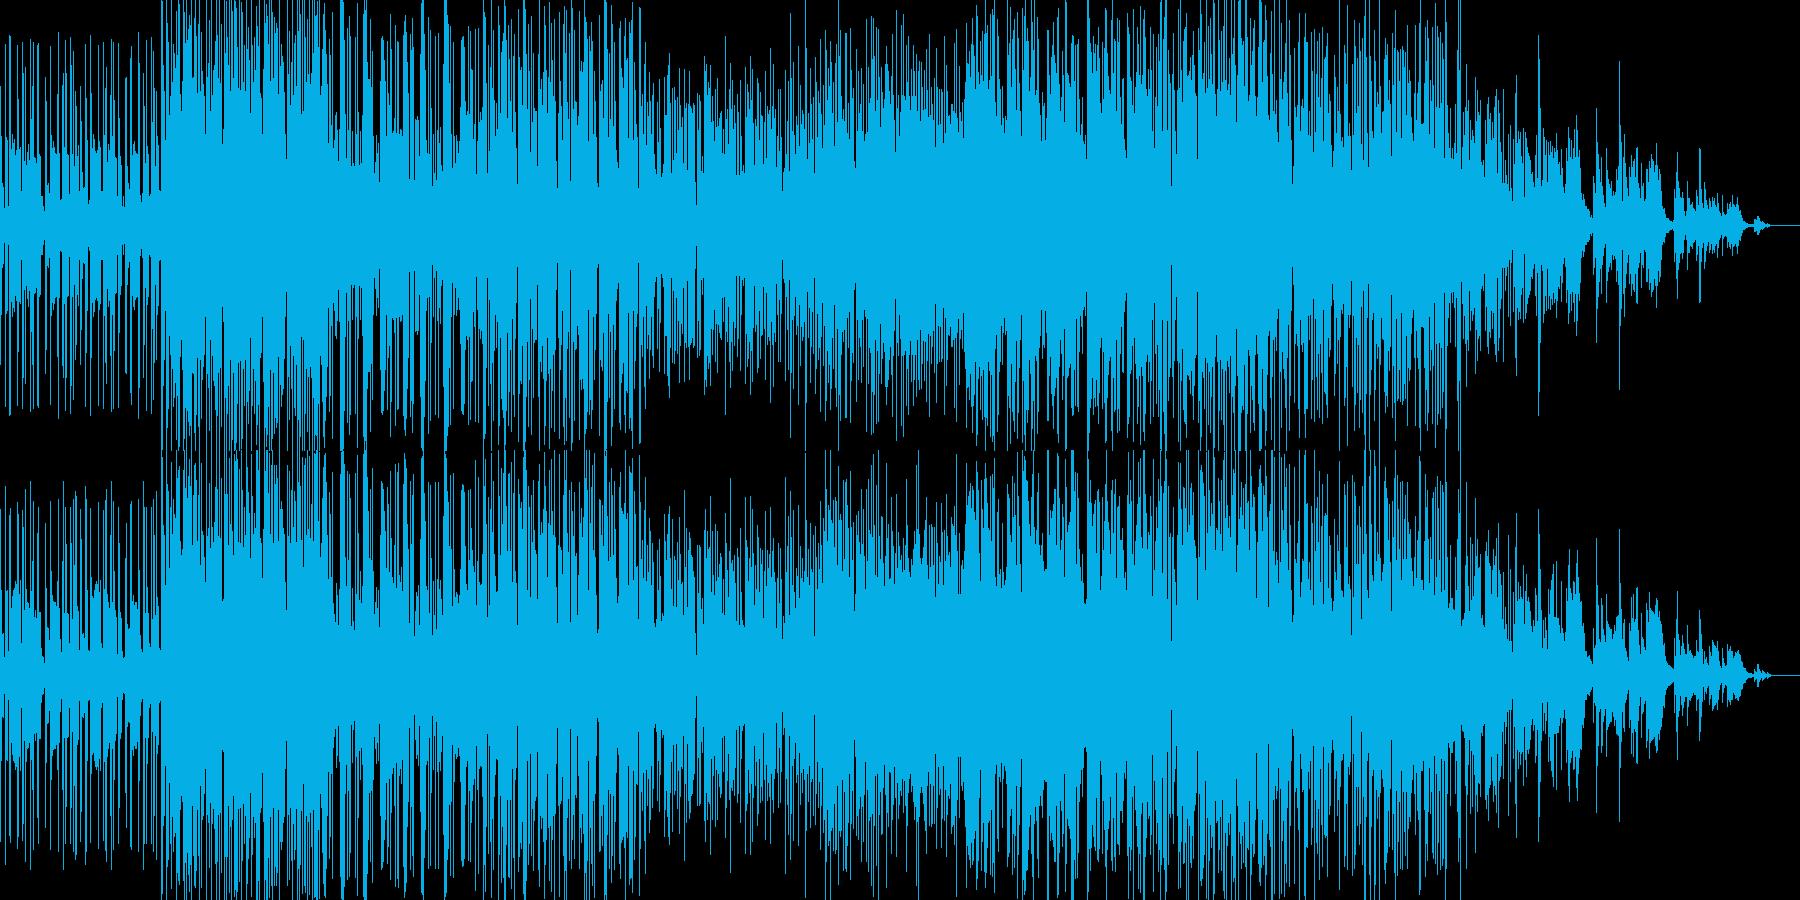 ドラムンベース風グリッジトロニカの再生済みの波形